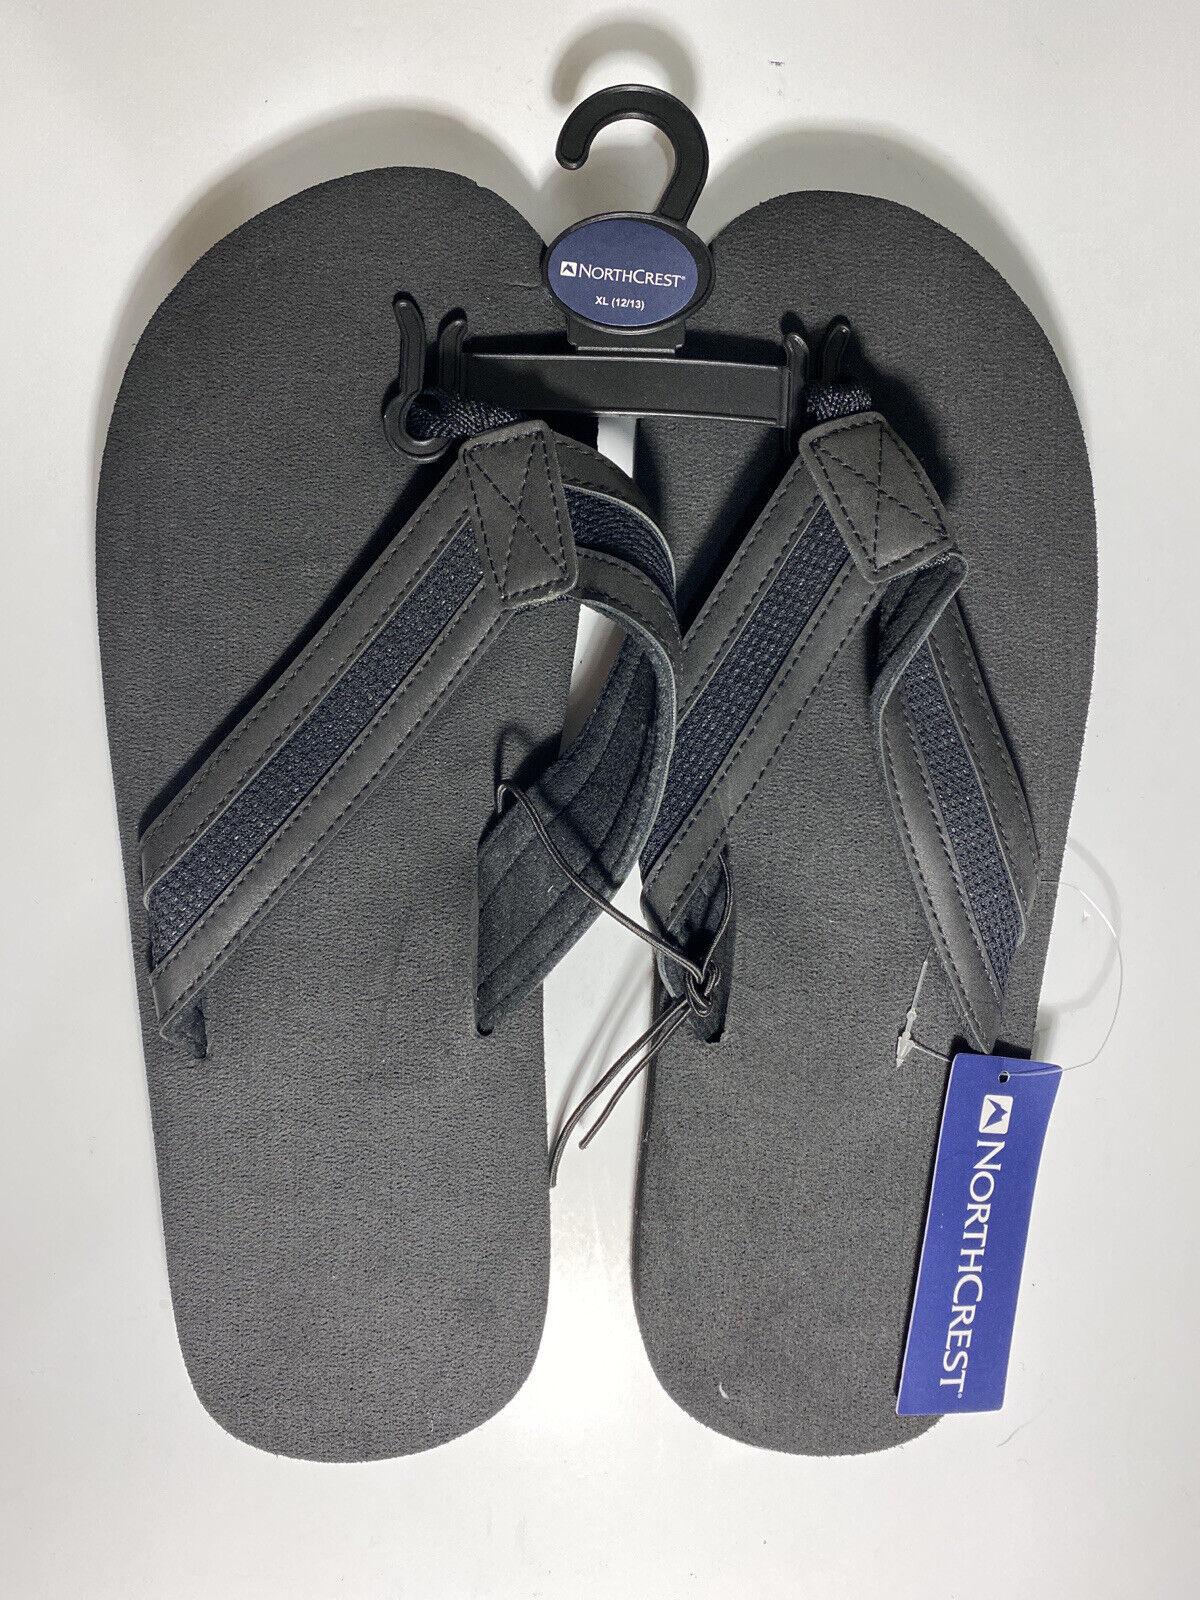 New Men's Northcrest Summer Sandals Sizes M, L, XL